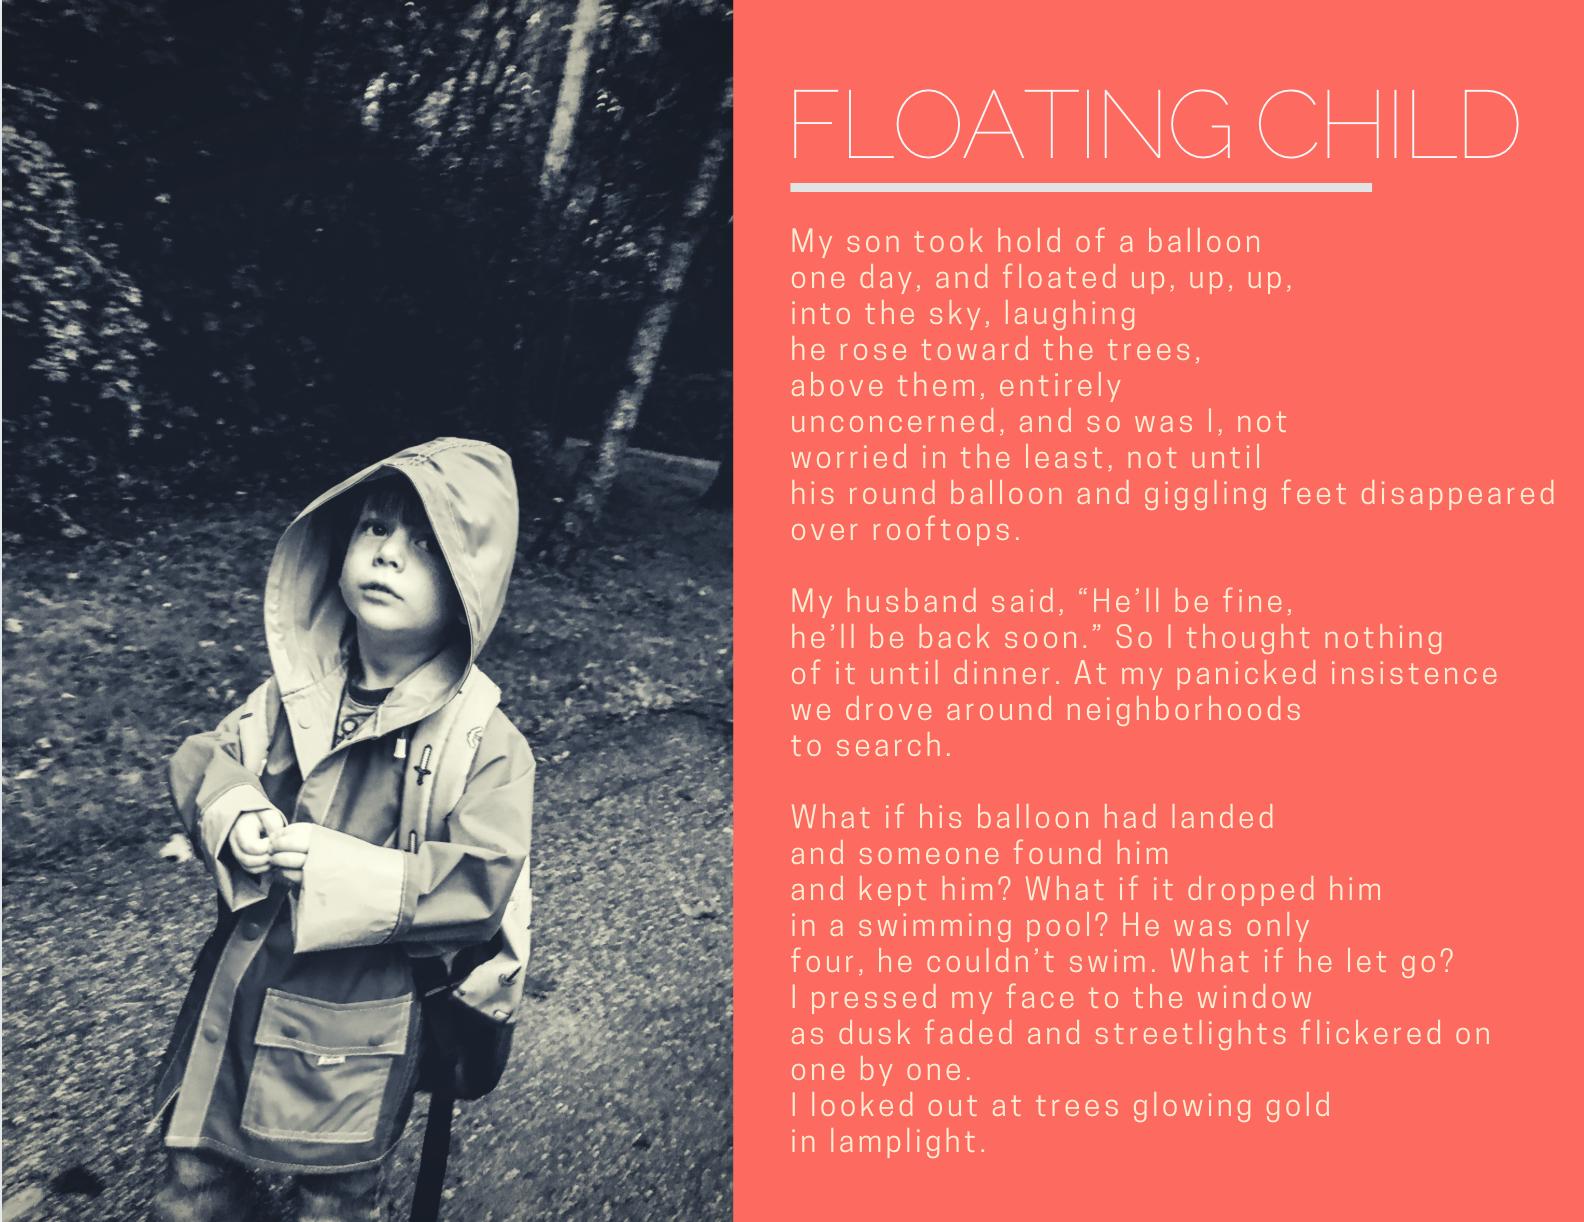 Floating Child